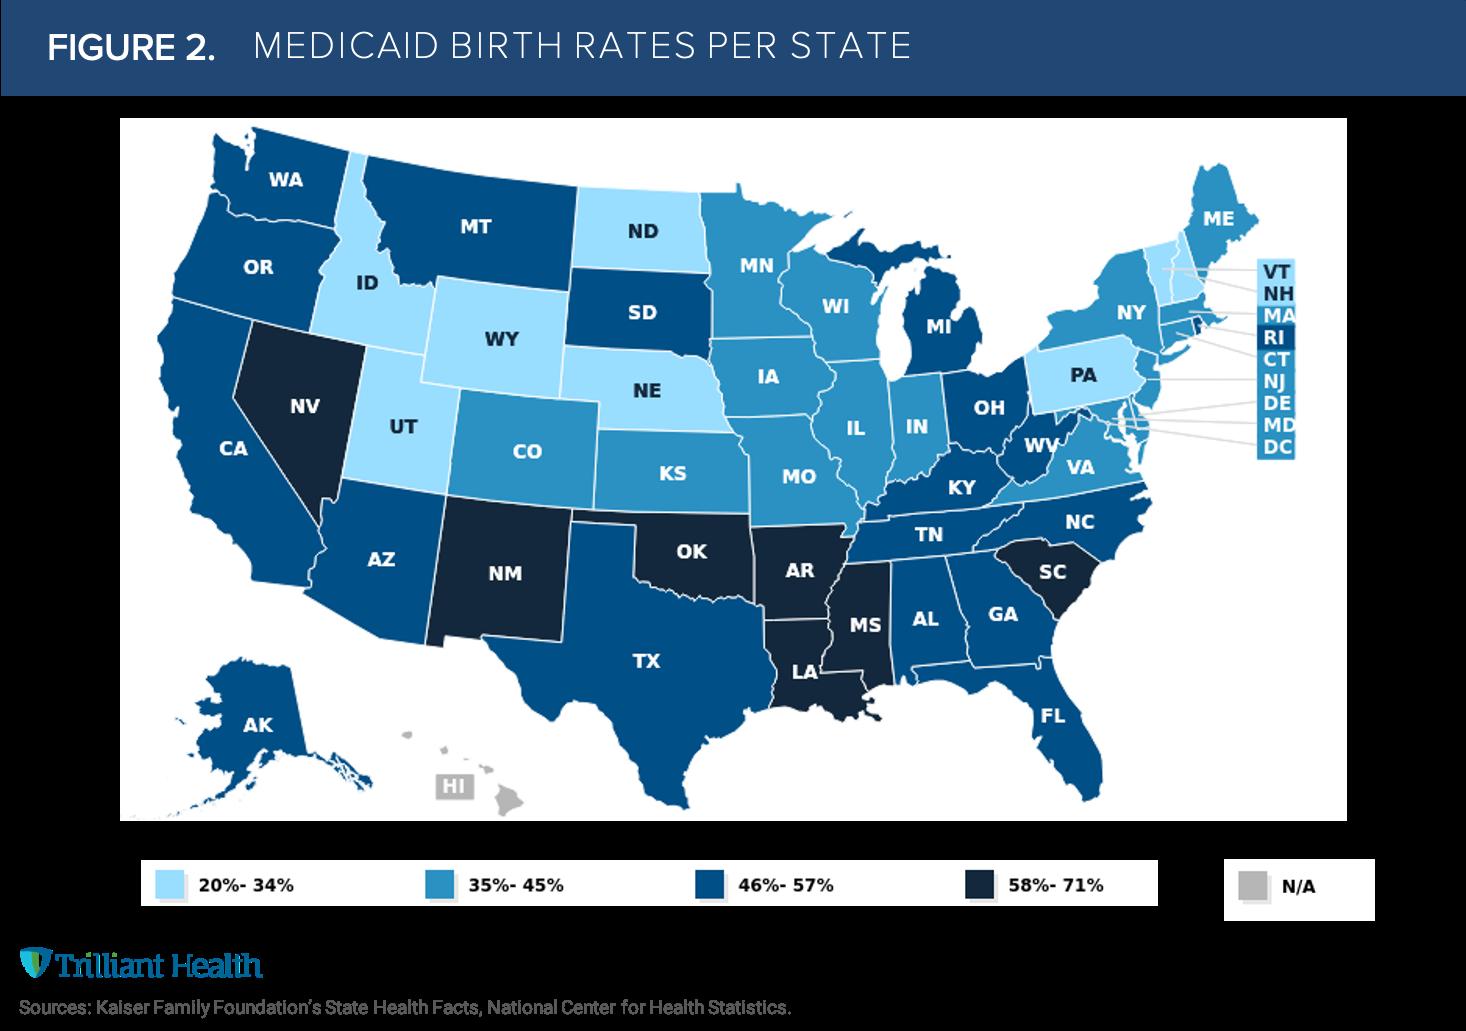 Figure2.Medicaid Birth Rates